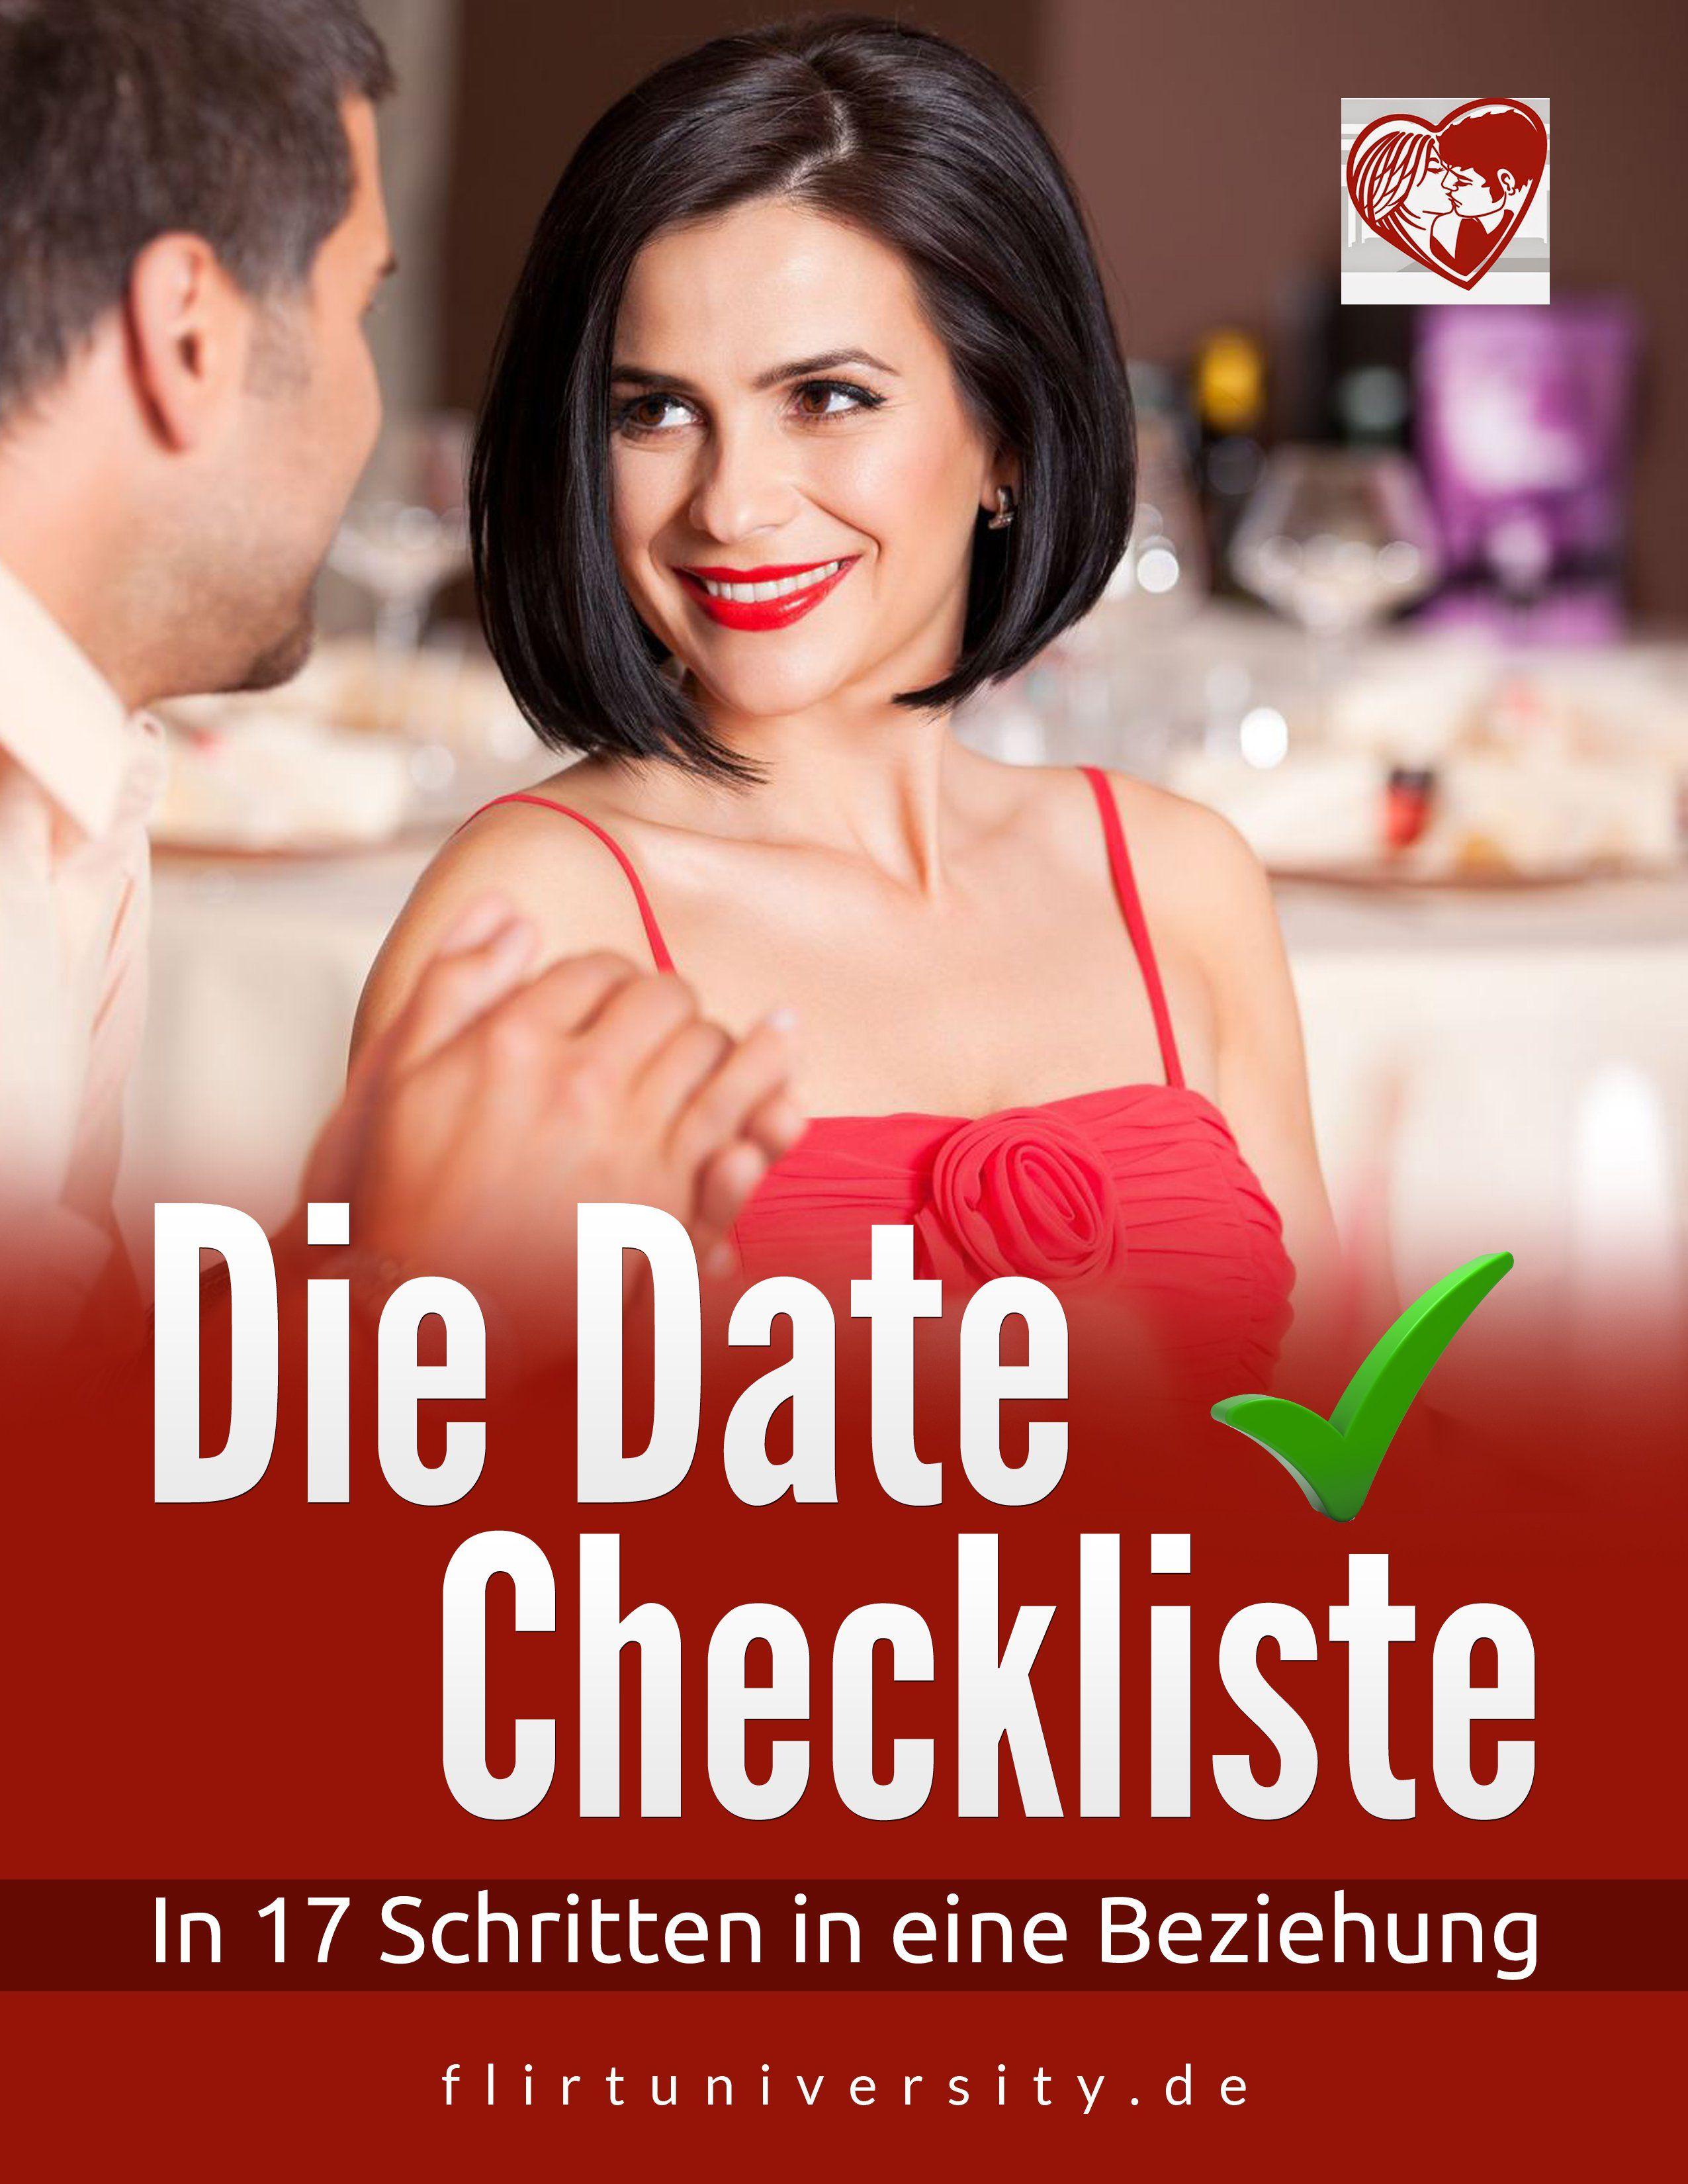 Datingskills Für Frauen Singletreff saarlouis